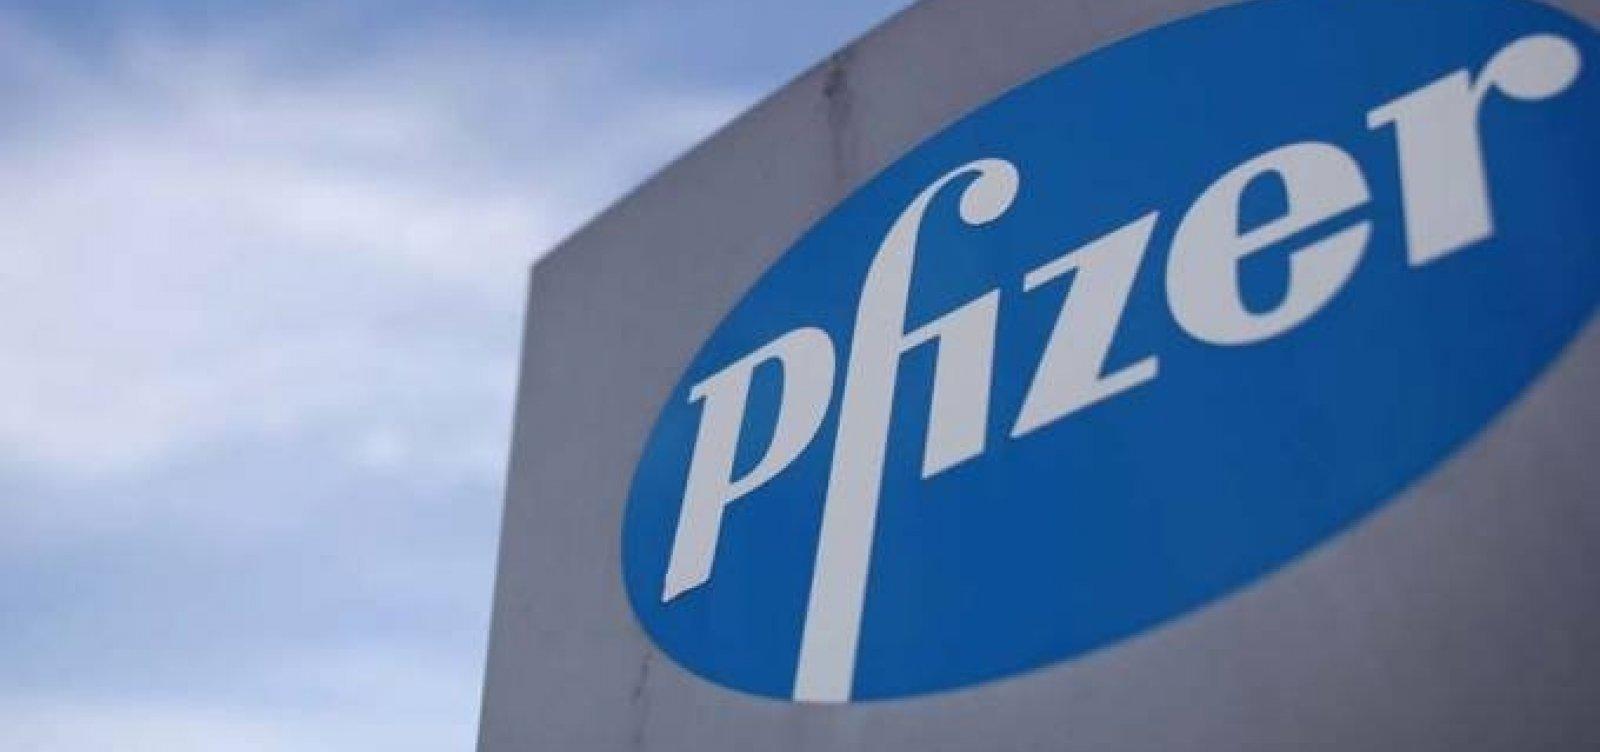 Após AstraZeneca, Pfizer também recusa venda para empresas brasileiras